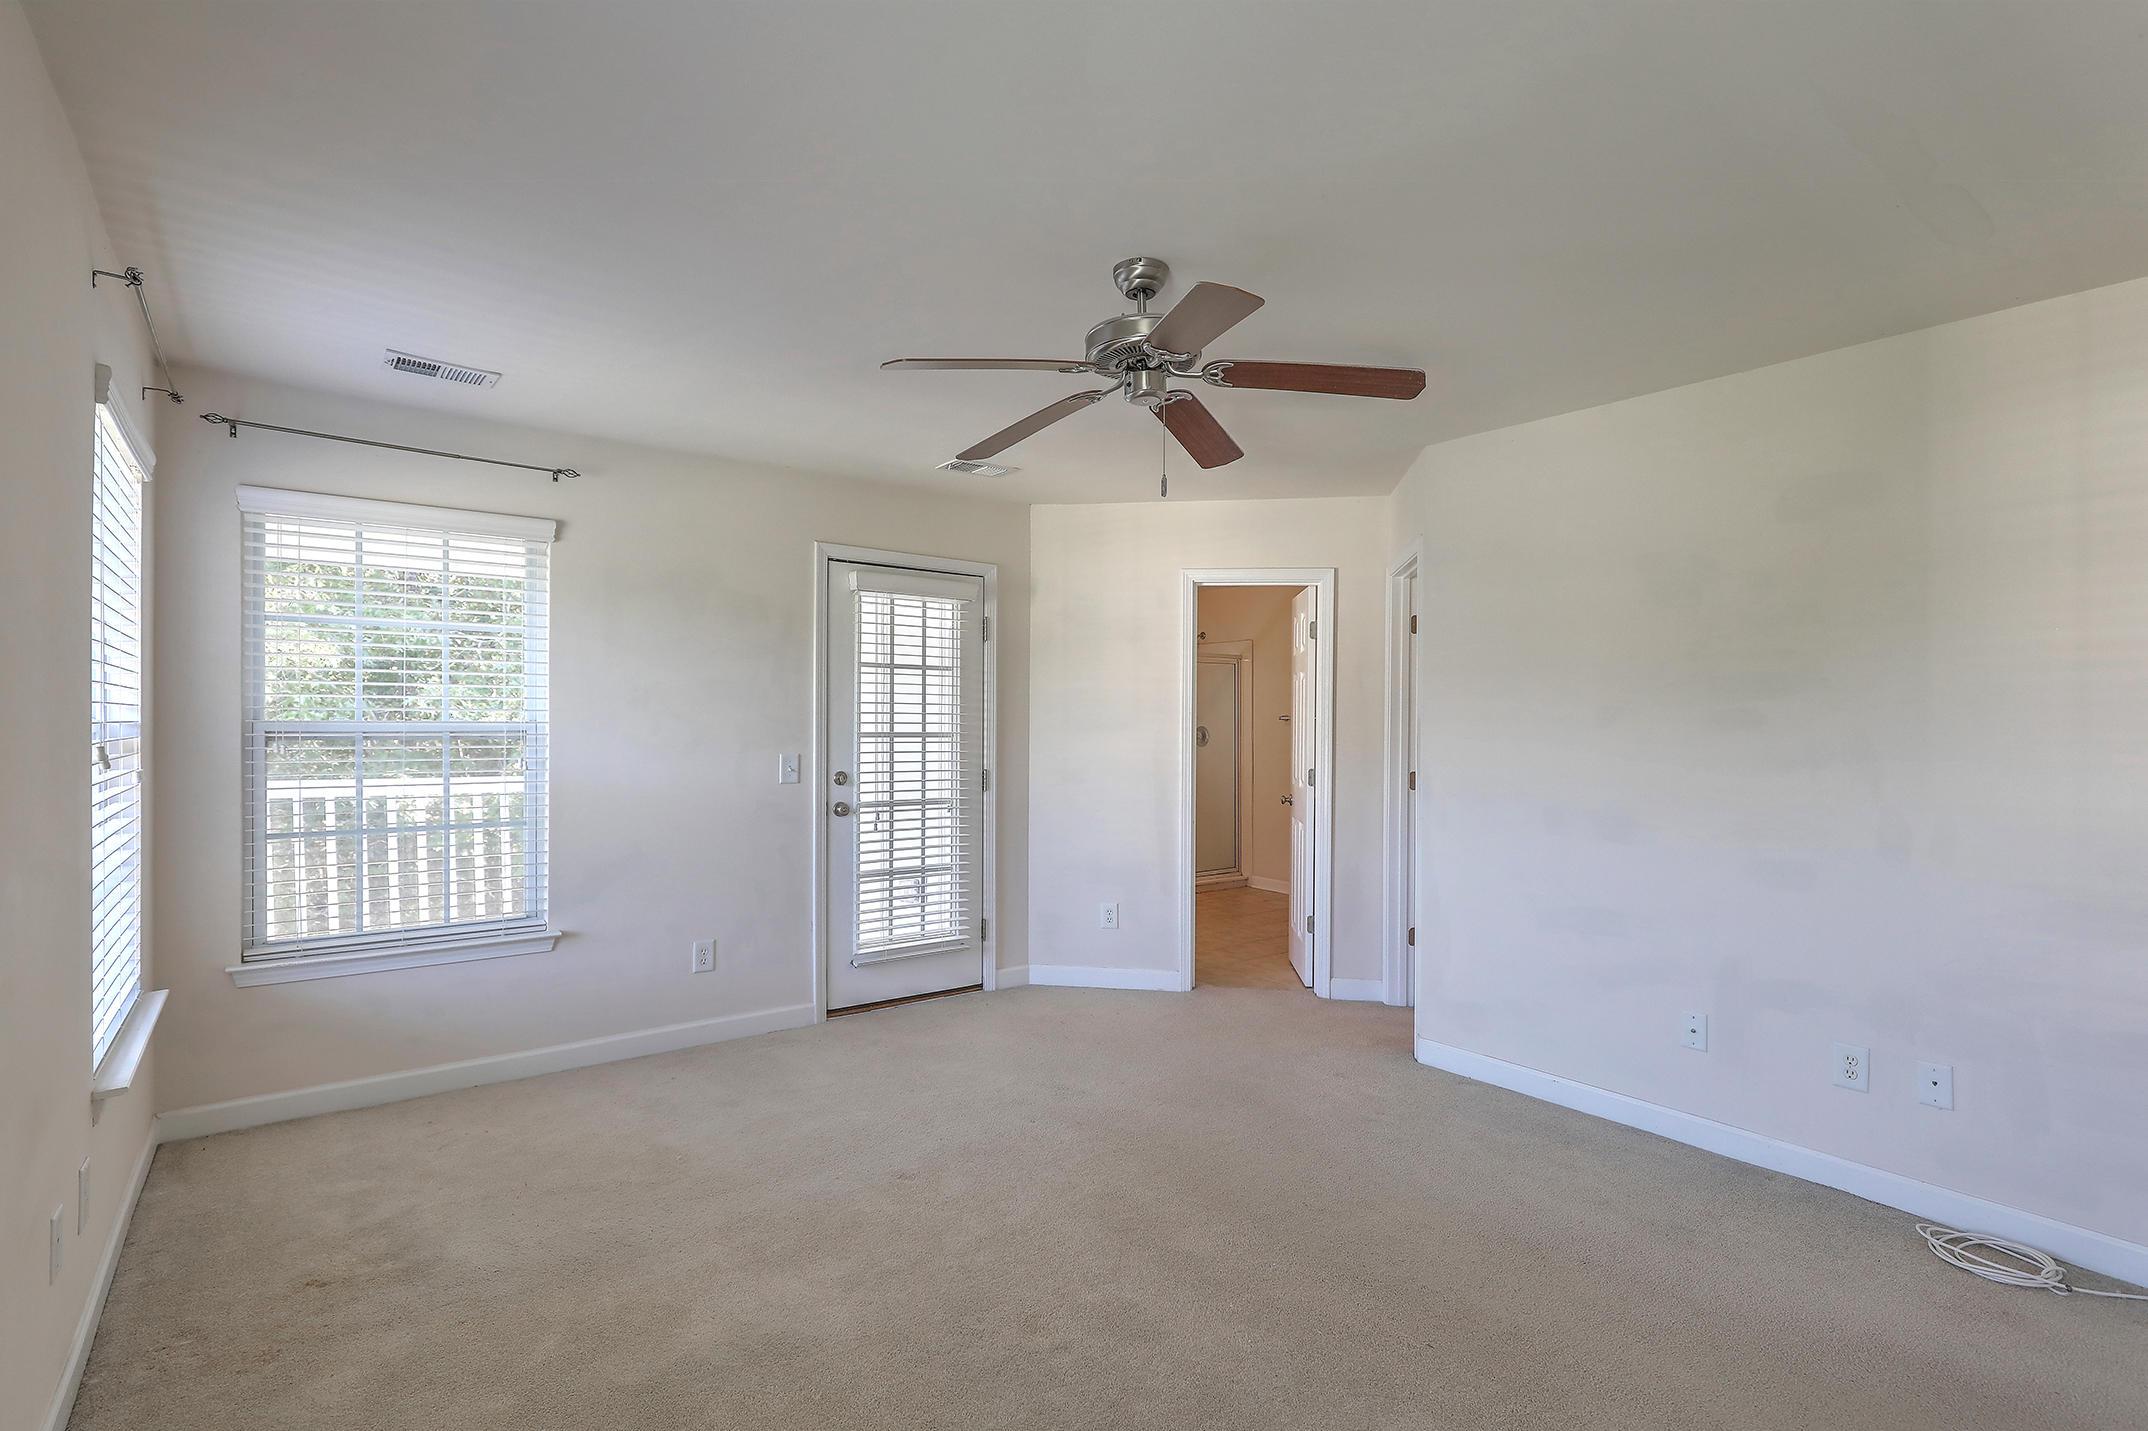 Park West Homes For Sale - 3471 Claremont, Mount Pleasant, SC - 1